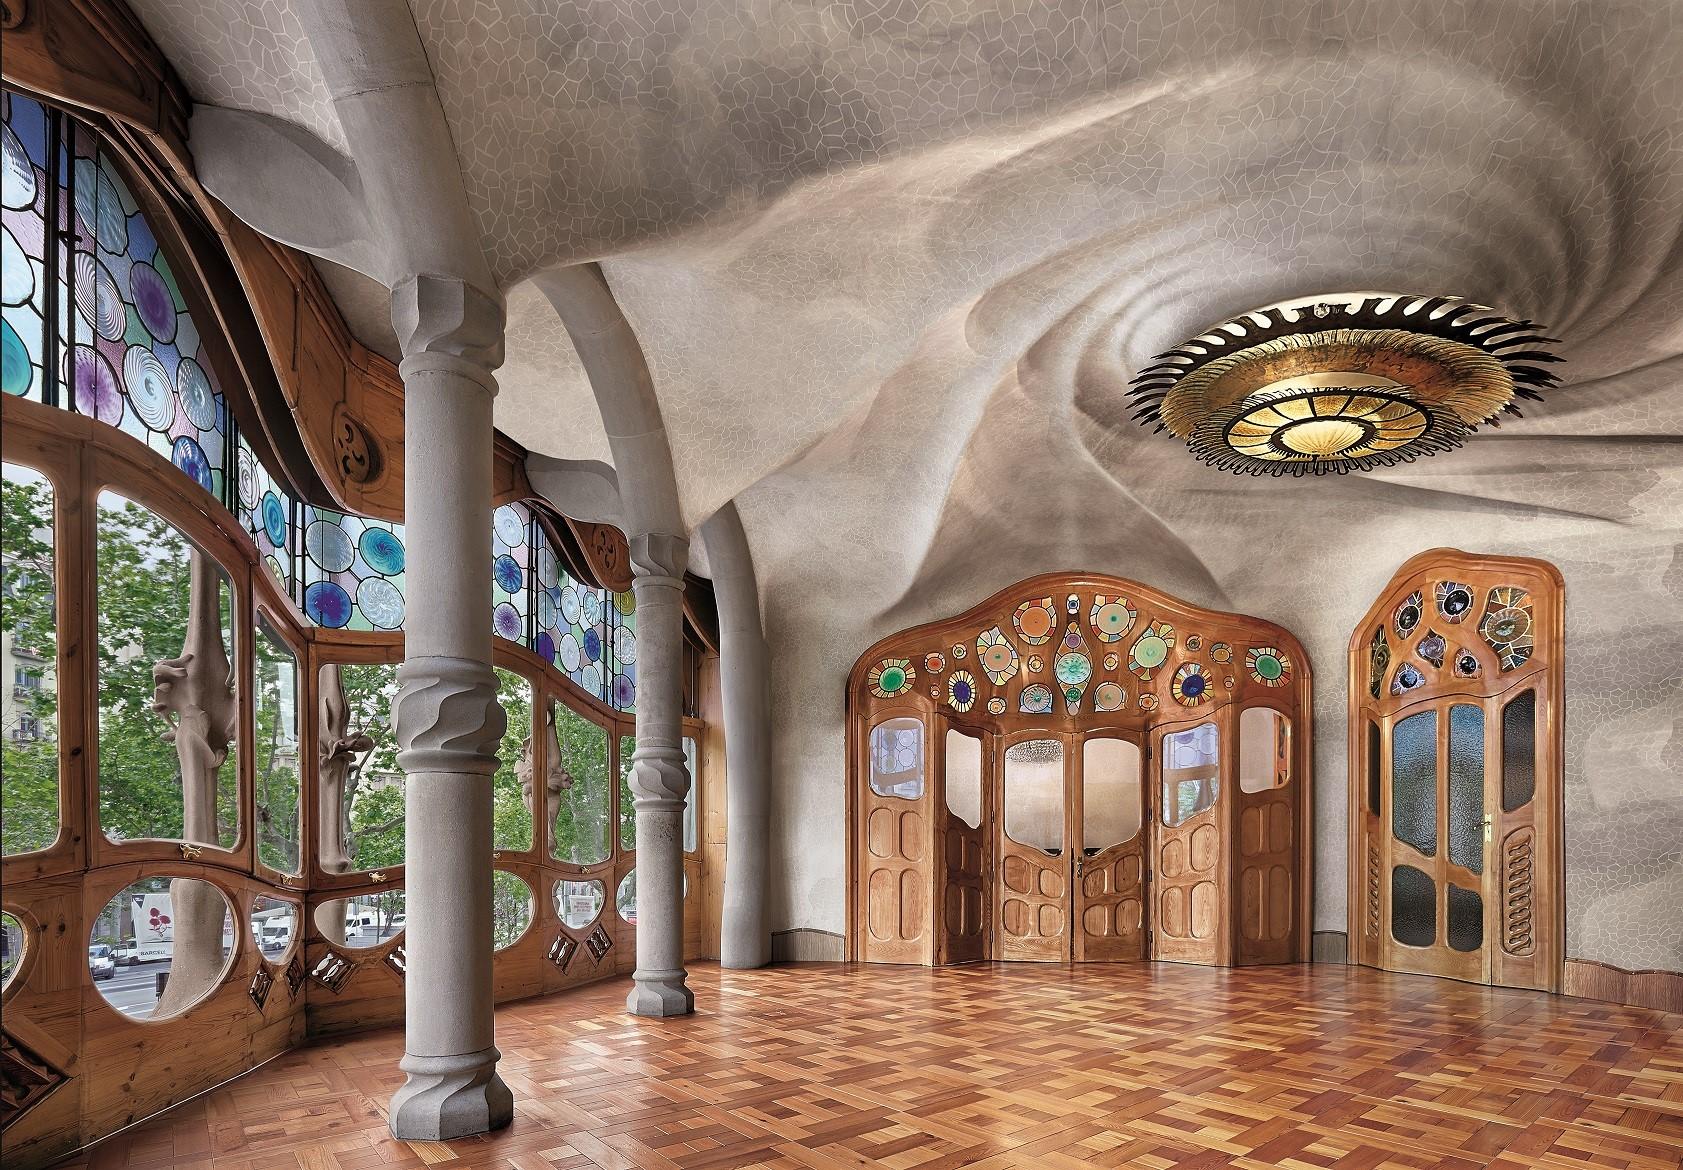 آنتونی گائودی Casa Batlló 2